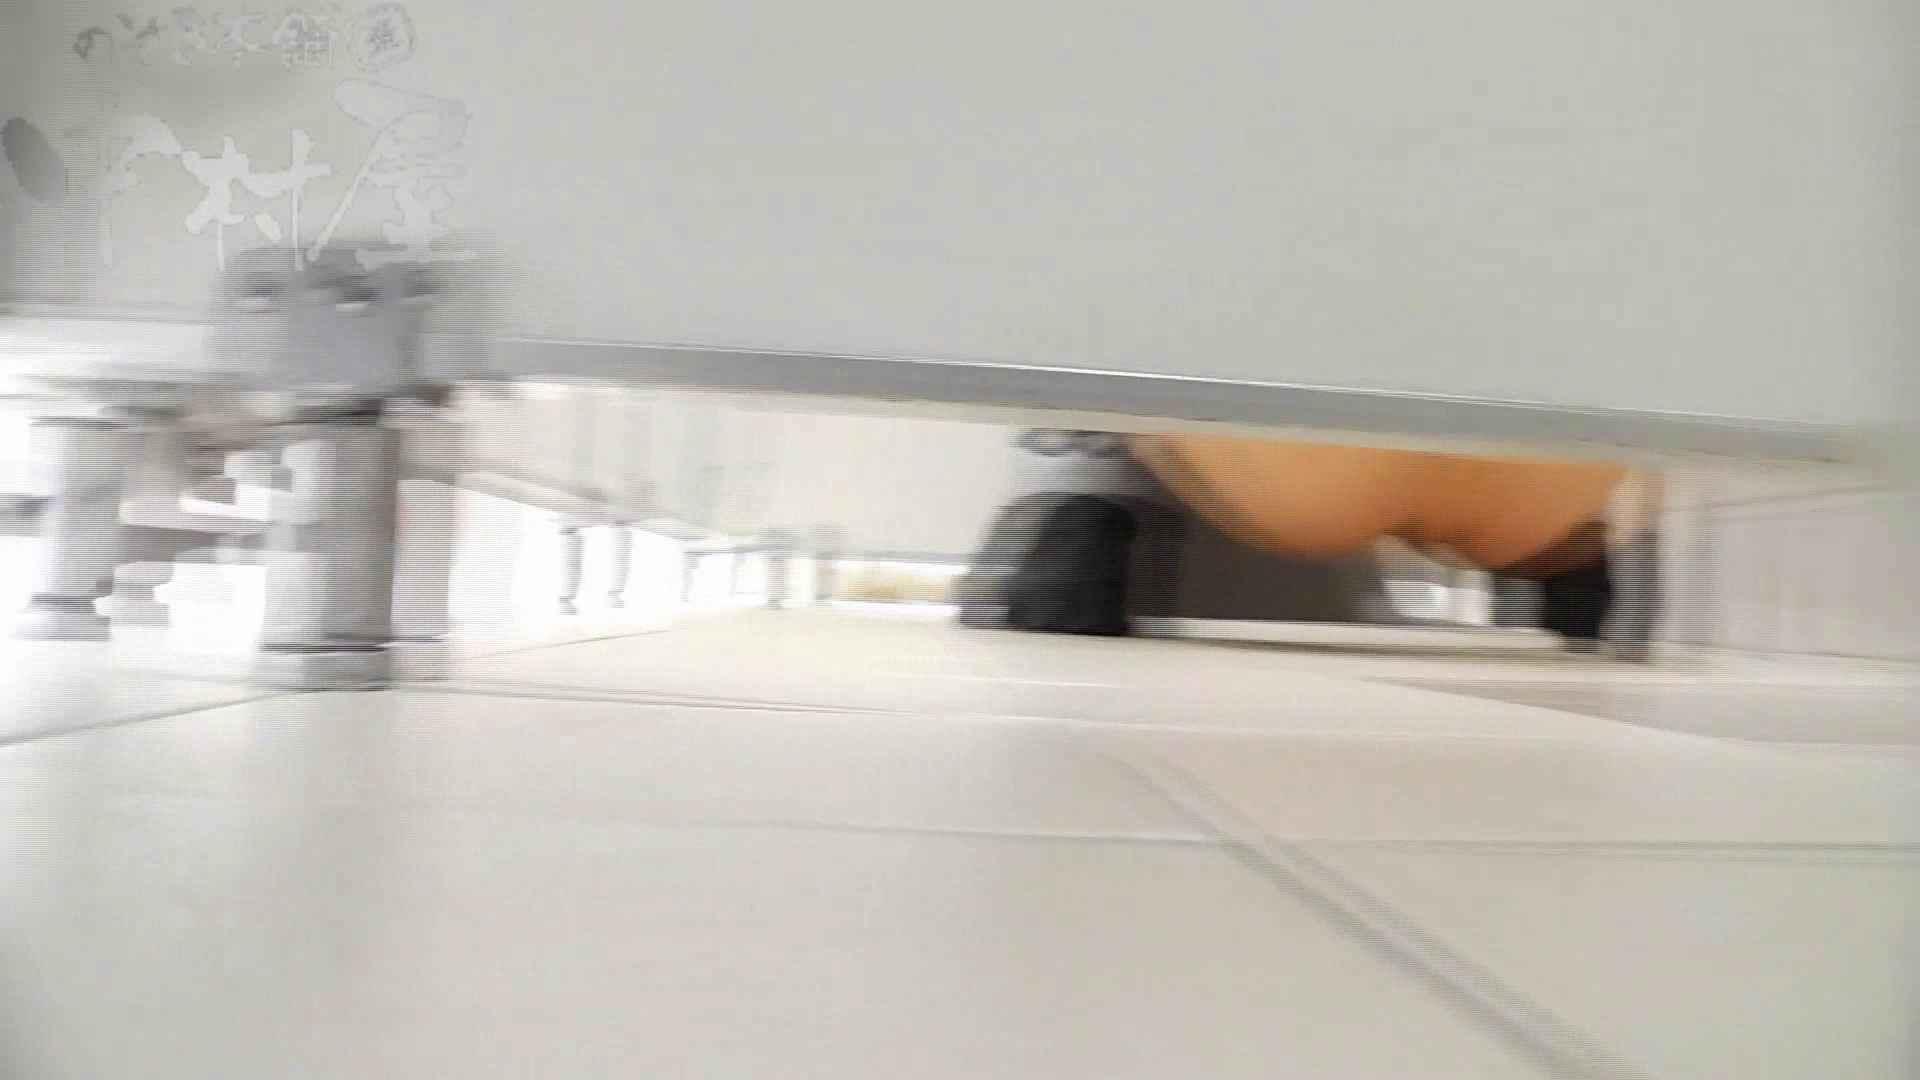 美しい日本の未来 No.34 緊迫!予告モデル撮ろうとしたら清掃員に遭遇 乙女のエロ動画 | 卑猥すぎ  79PIX 36